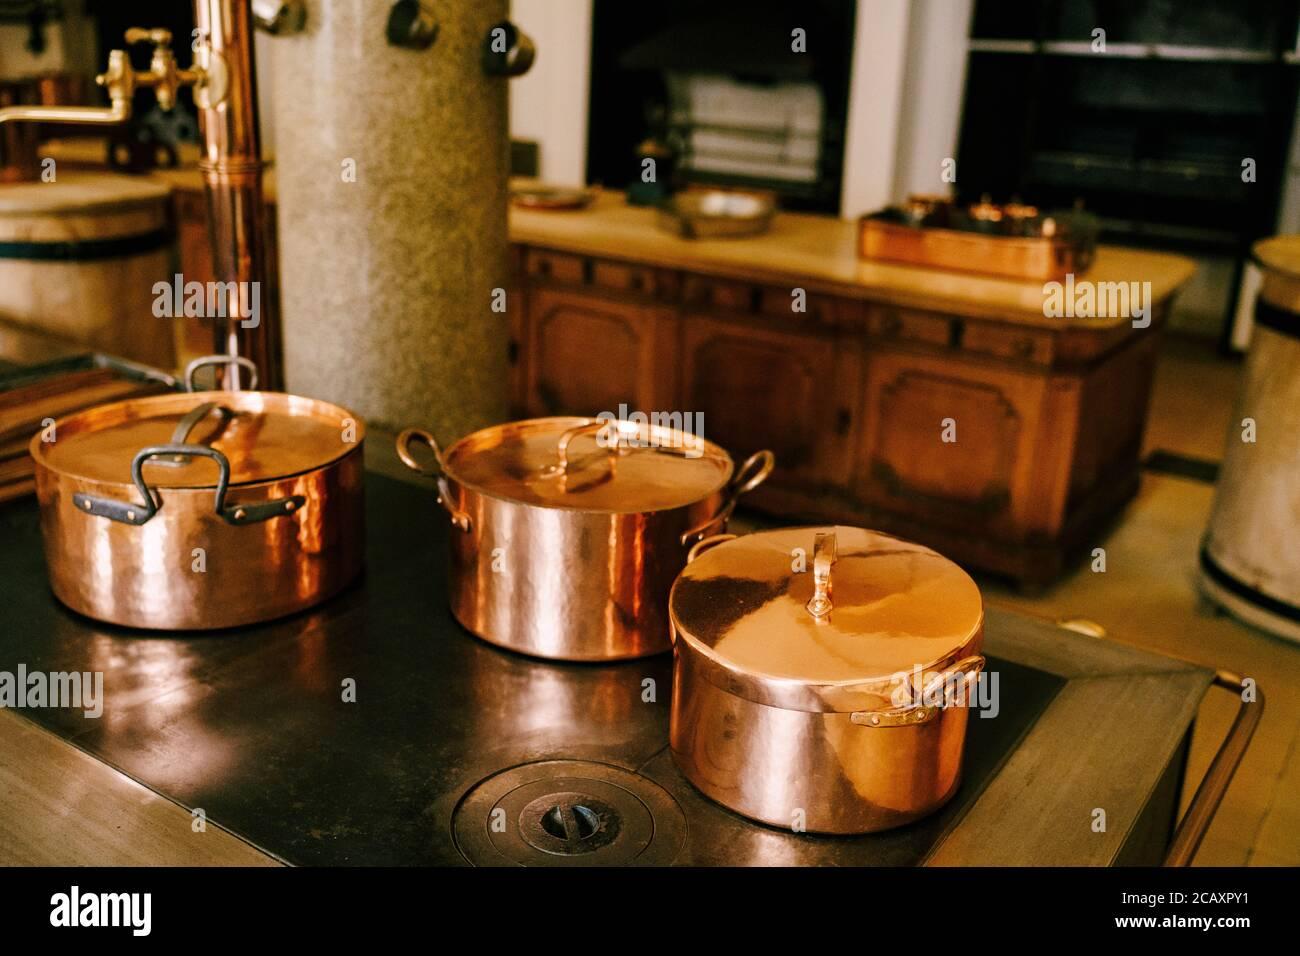 Sartenes Metalicas Fotos e Imágenes de stock Página 6 Alamy